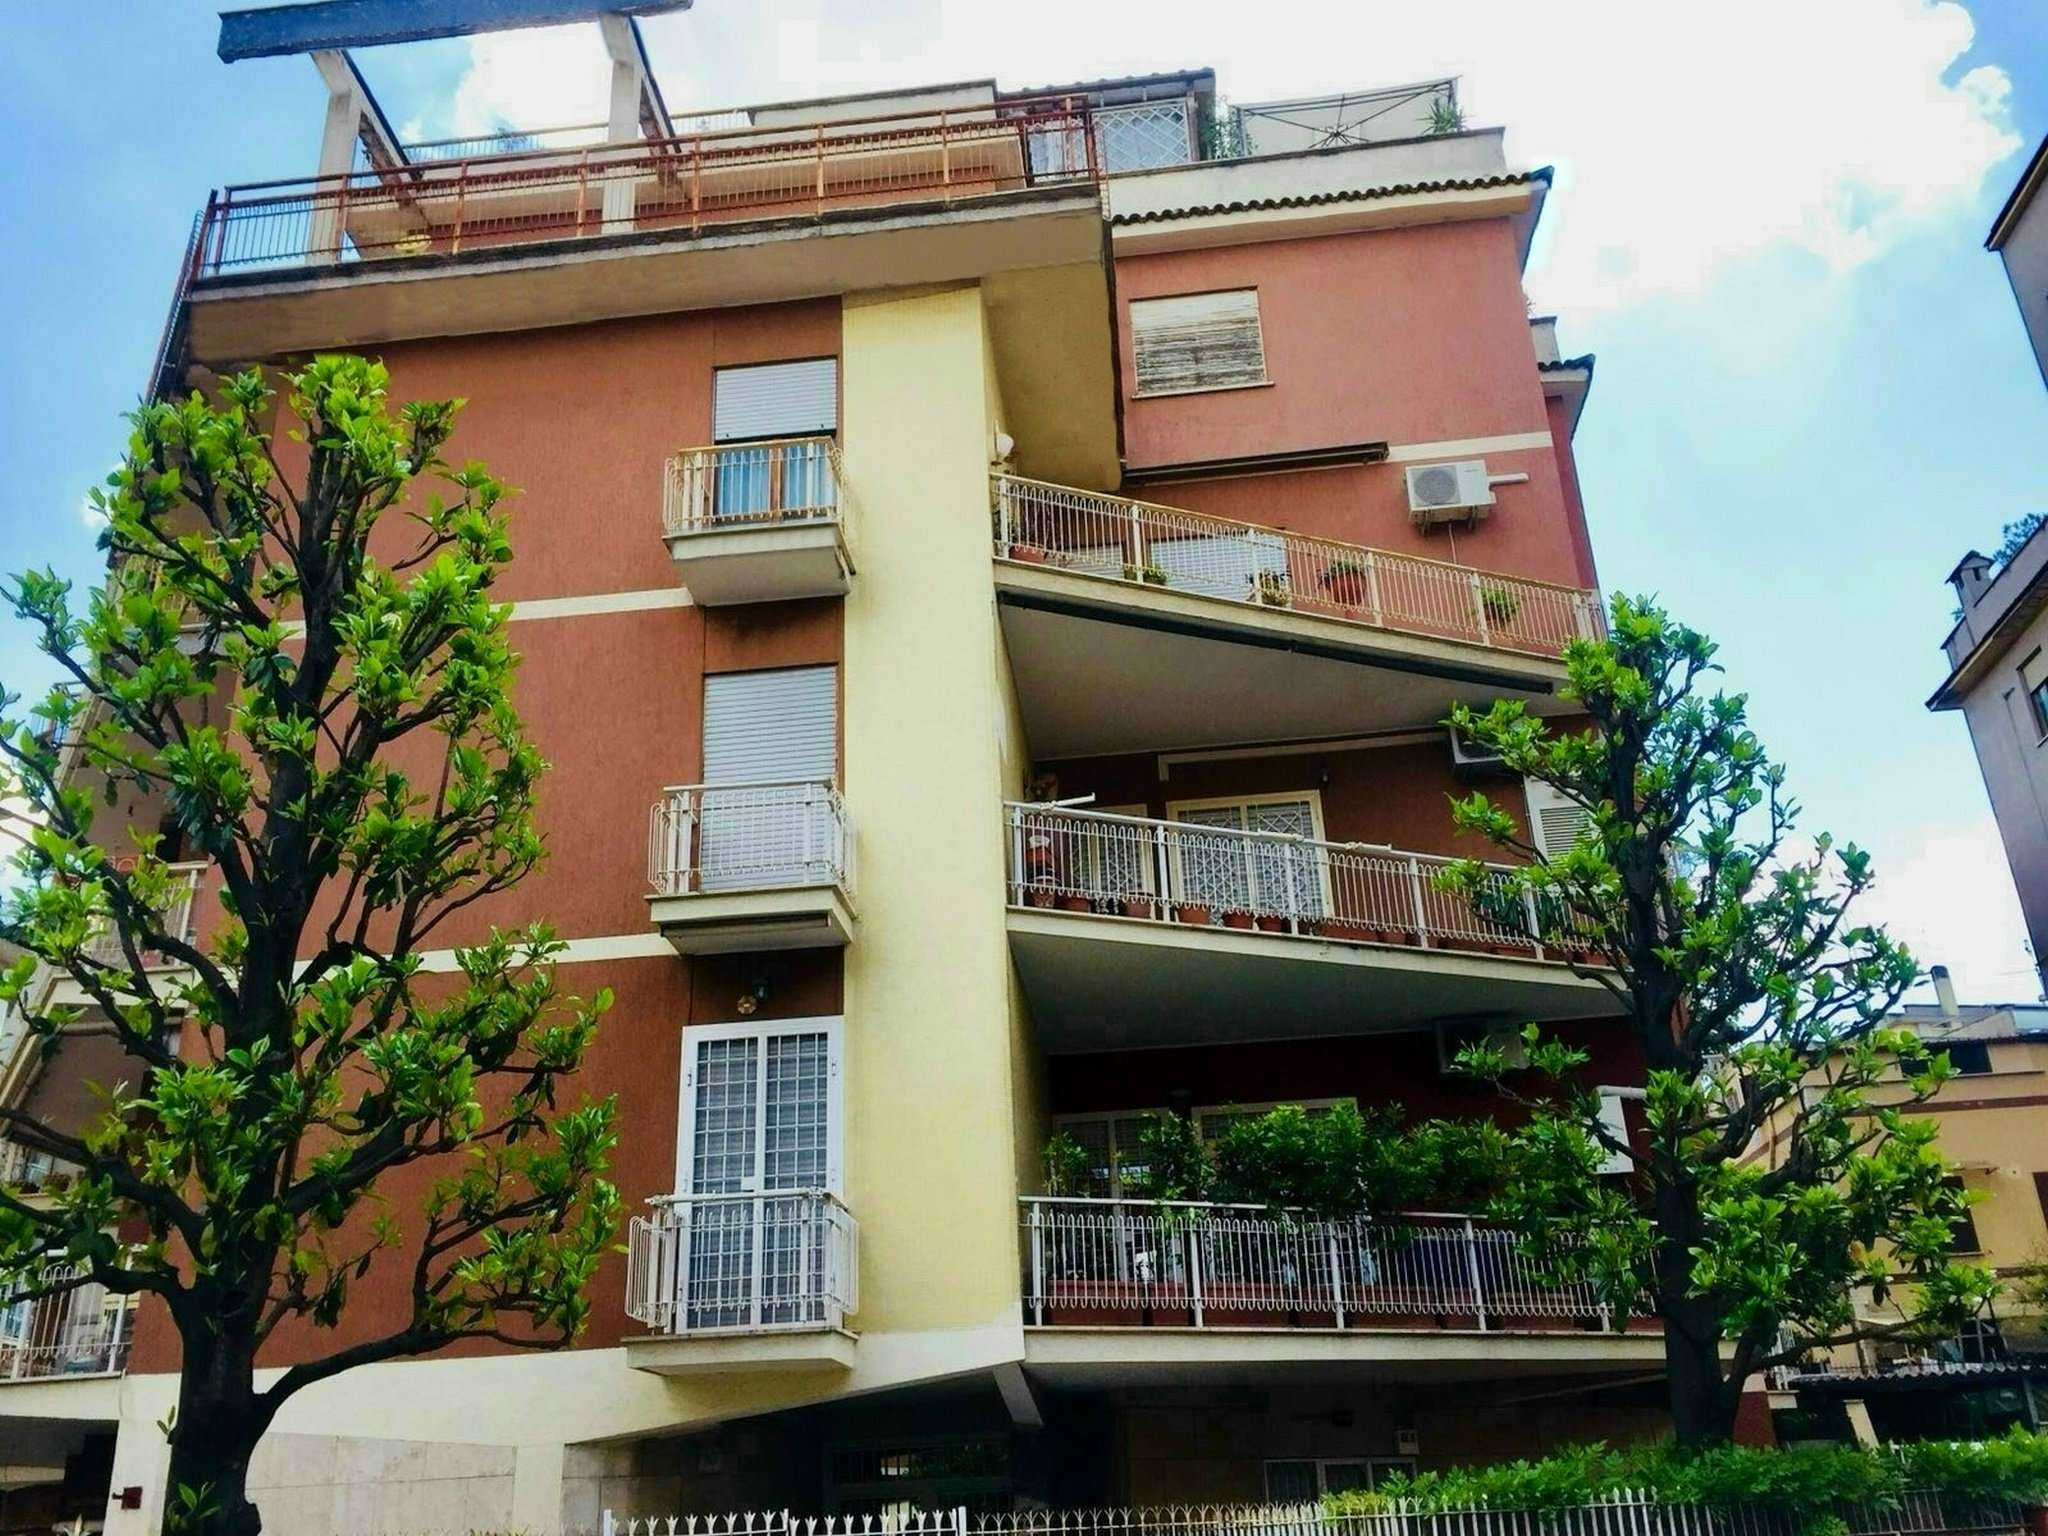 Appartamento in vendita a Roma, 2 locali, zona Zona: 28 . Torrevecchia - Pineta Sacchetti - Ottavia, prezzo € 219.000 | CambioCasa.it